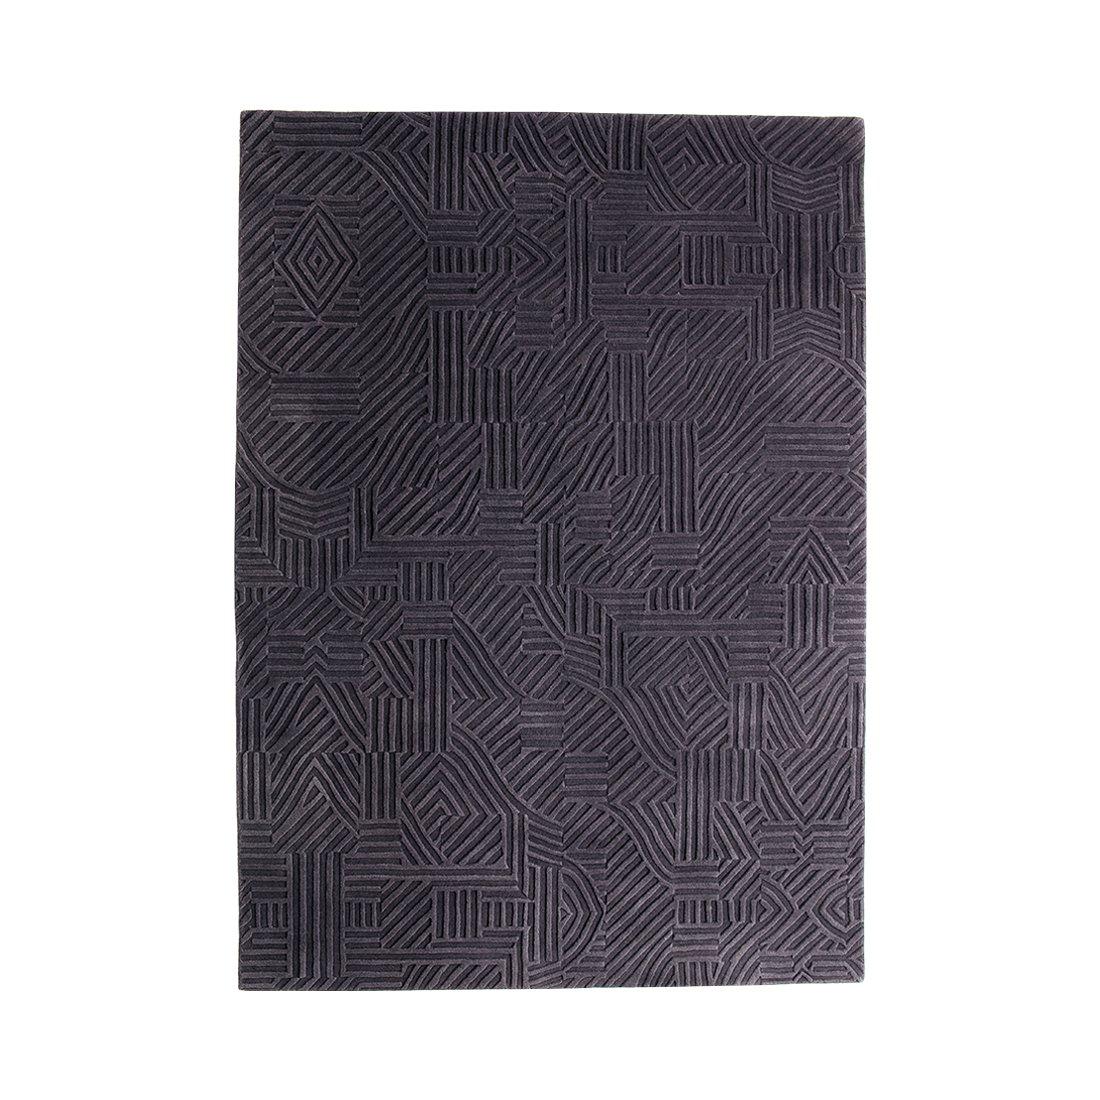 Nanimarquina African Pattern 3 Vloerkleed Large - Zwart/Paars